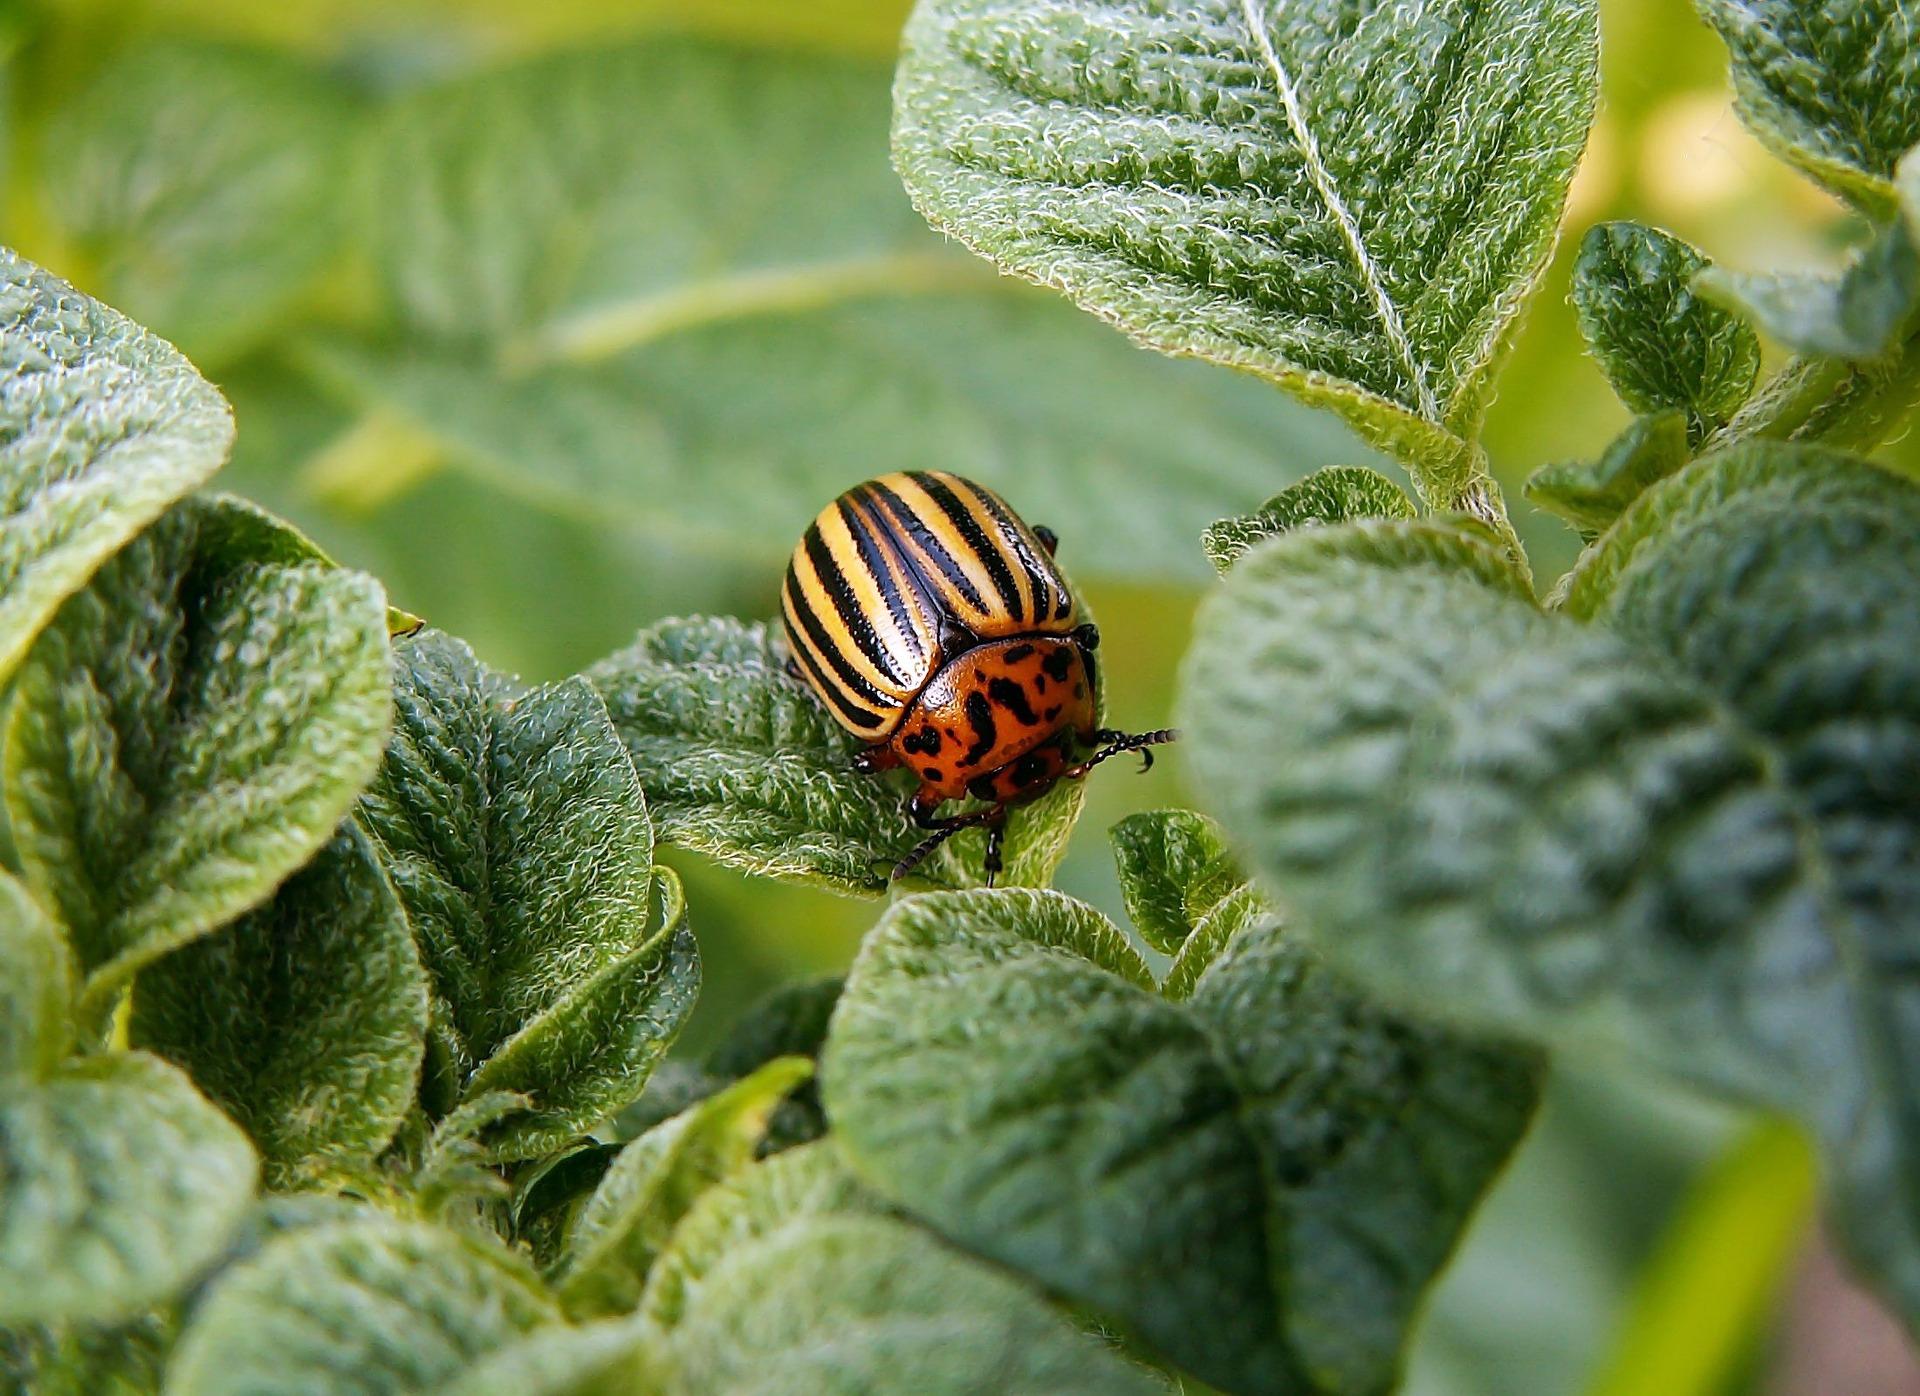 Jakie preparaty zastosować na różne szkodniki roślin?